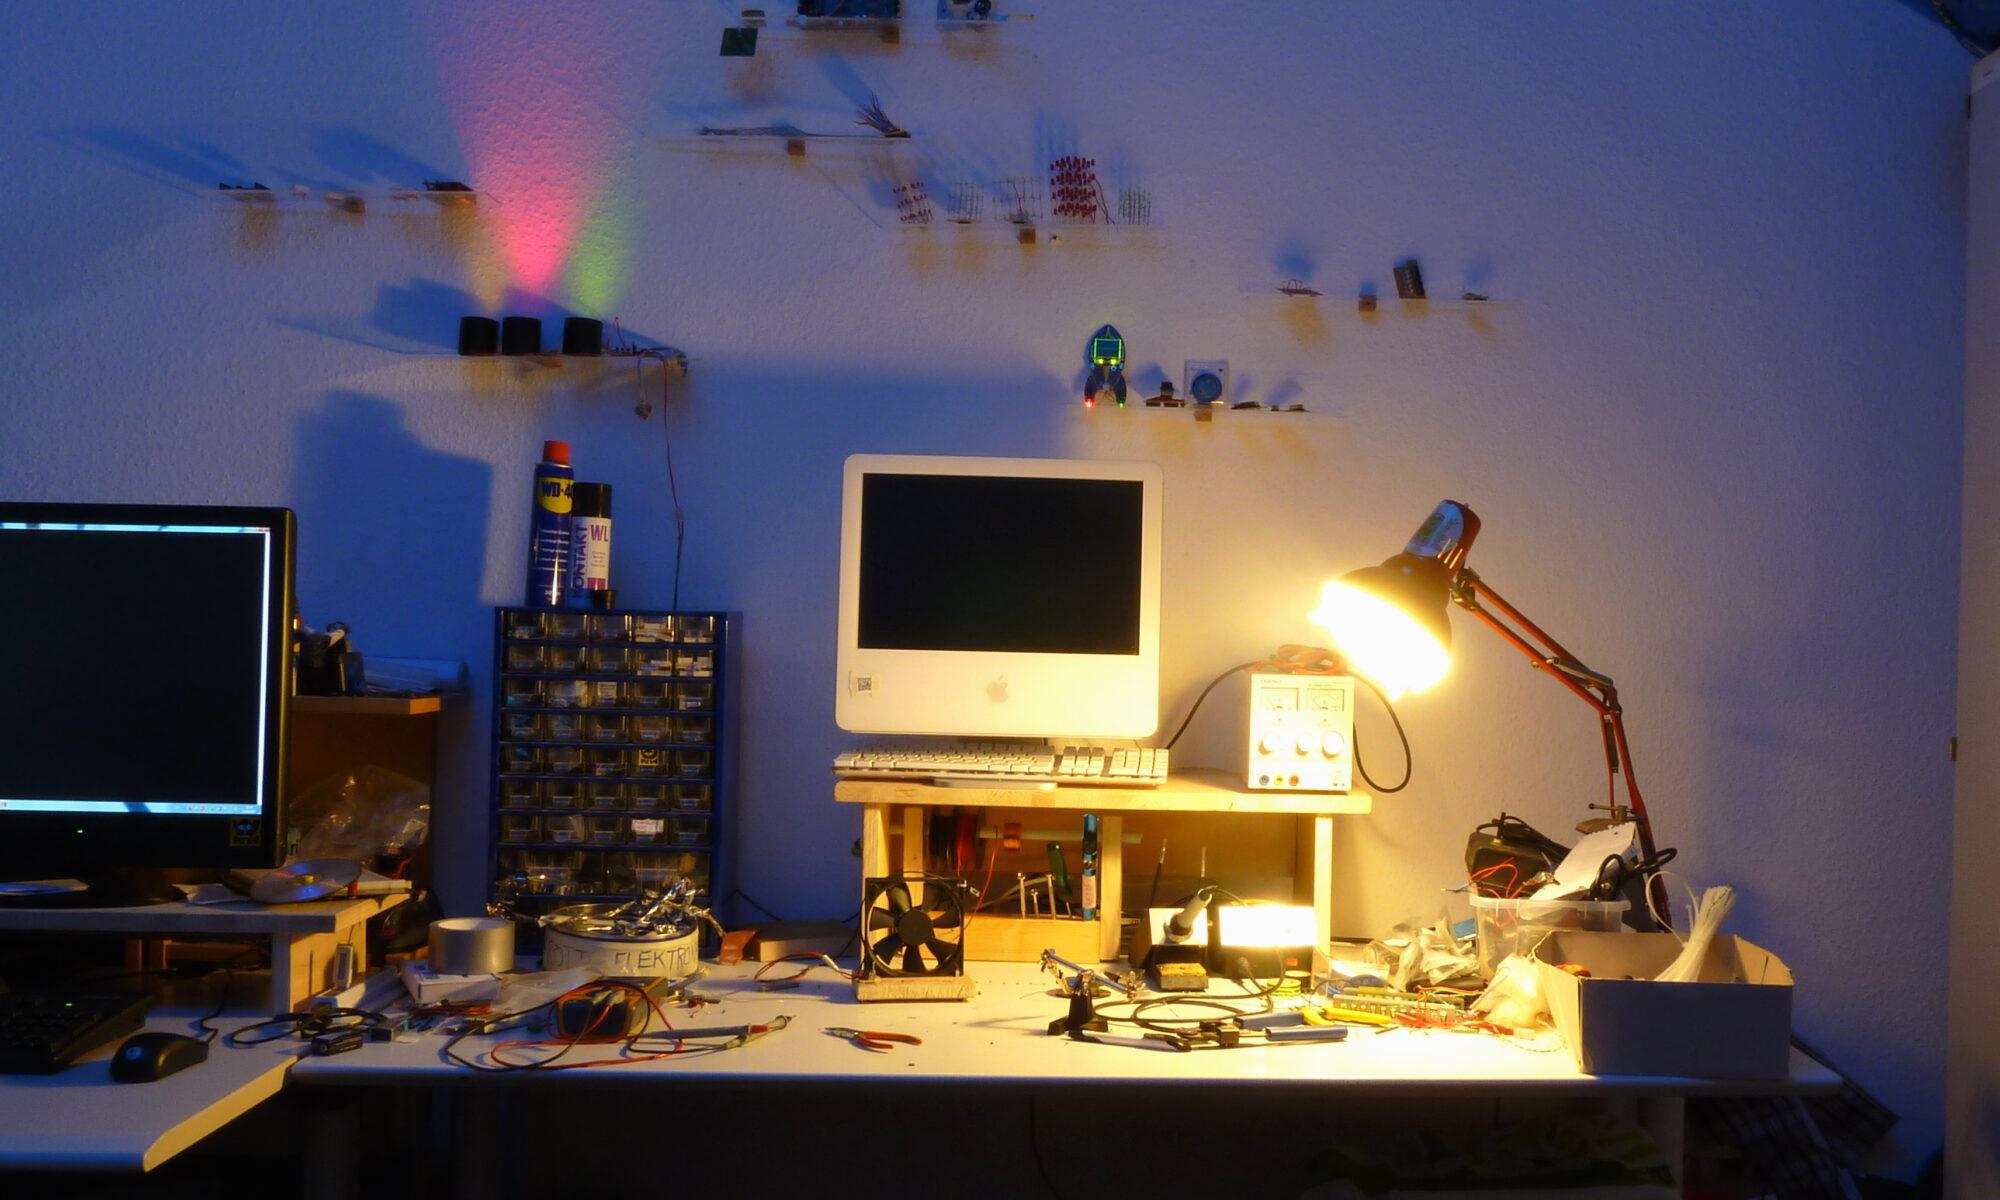 Ein Tisch mit Lötkolben und elektronischen Bauteilen, beleuchtet von einer kleinen Schreibtischlampe. Ein alter iMac thront über dem Chaos. An der Wand gibt es eine Ausstellung aus winzigen Projekten und farbige Leuchtdioden.